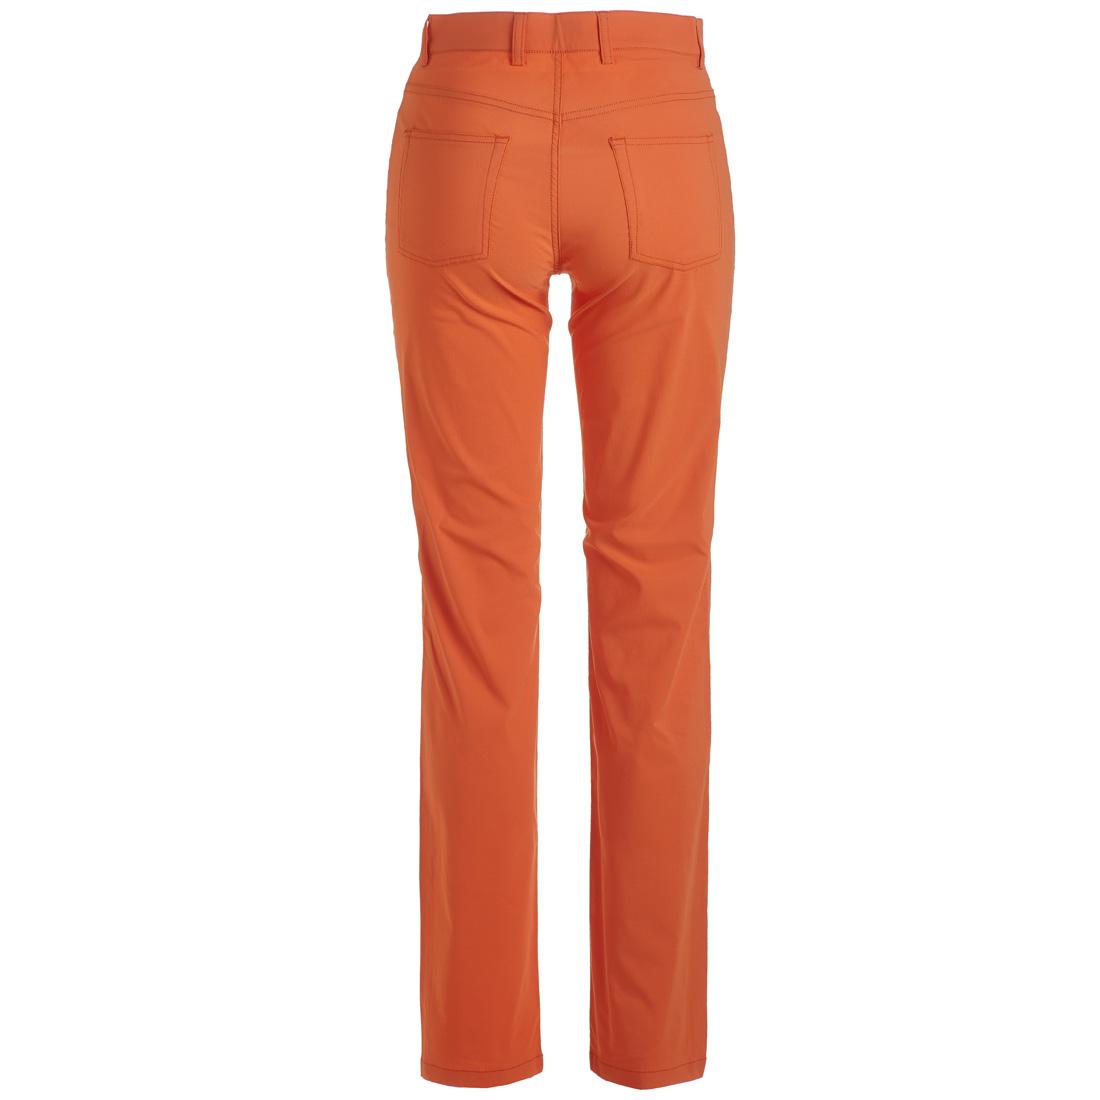 Damen 5-Pocket Techno Stretch Hose